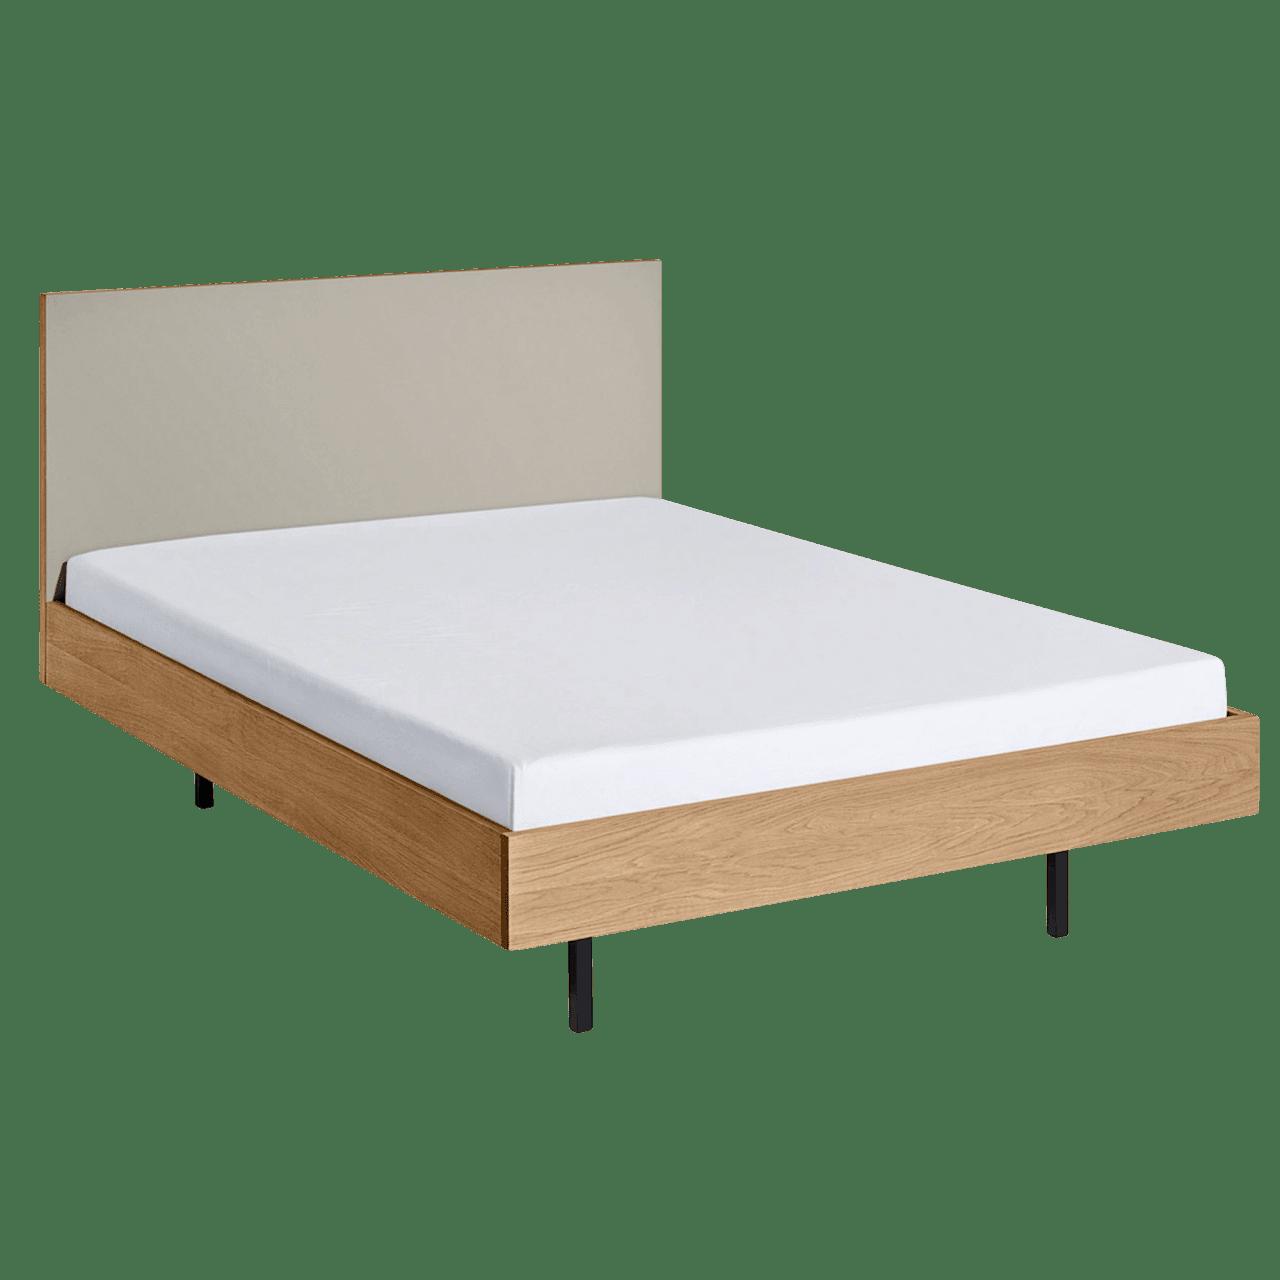 Unidorm Bett